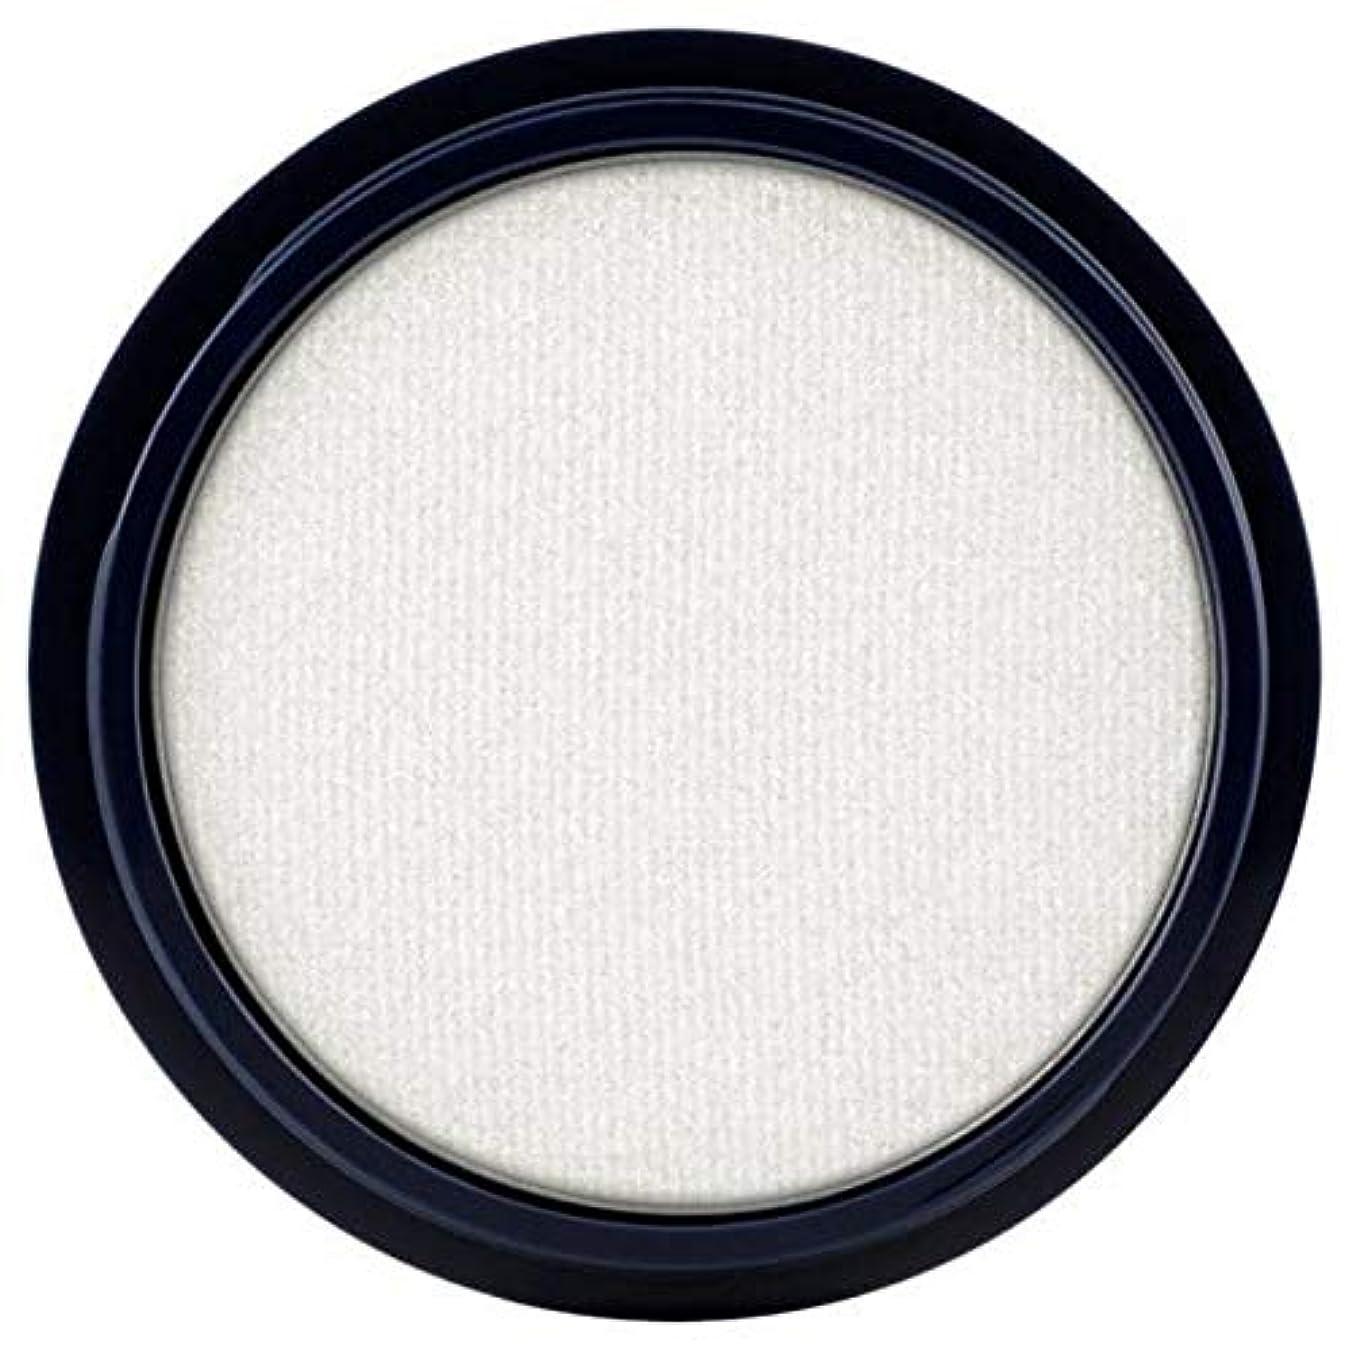 人種規制する事[Max Factor ] 白35 Definatマックスファクター野生シャドウアイシャドウポット - Max Factor Wild Shadow Eyeshadow Pot Definat White 35 [並行輸入品]